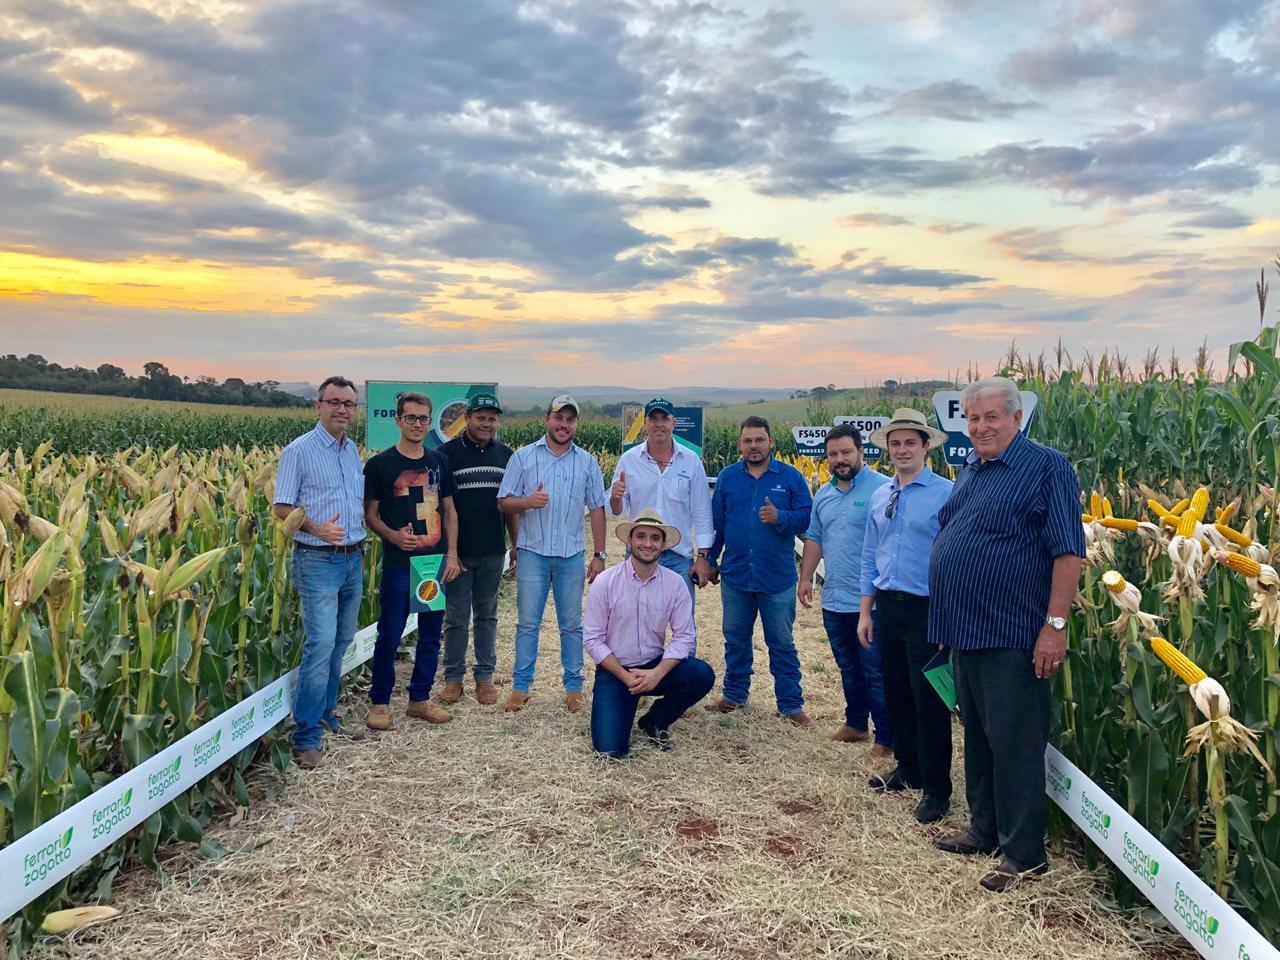 Segunda safra de milho - Dia de Campo realizado na cidade de Itambé (PR). Envio de Nivaldo Forastieri